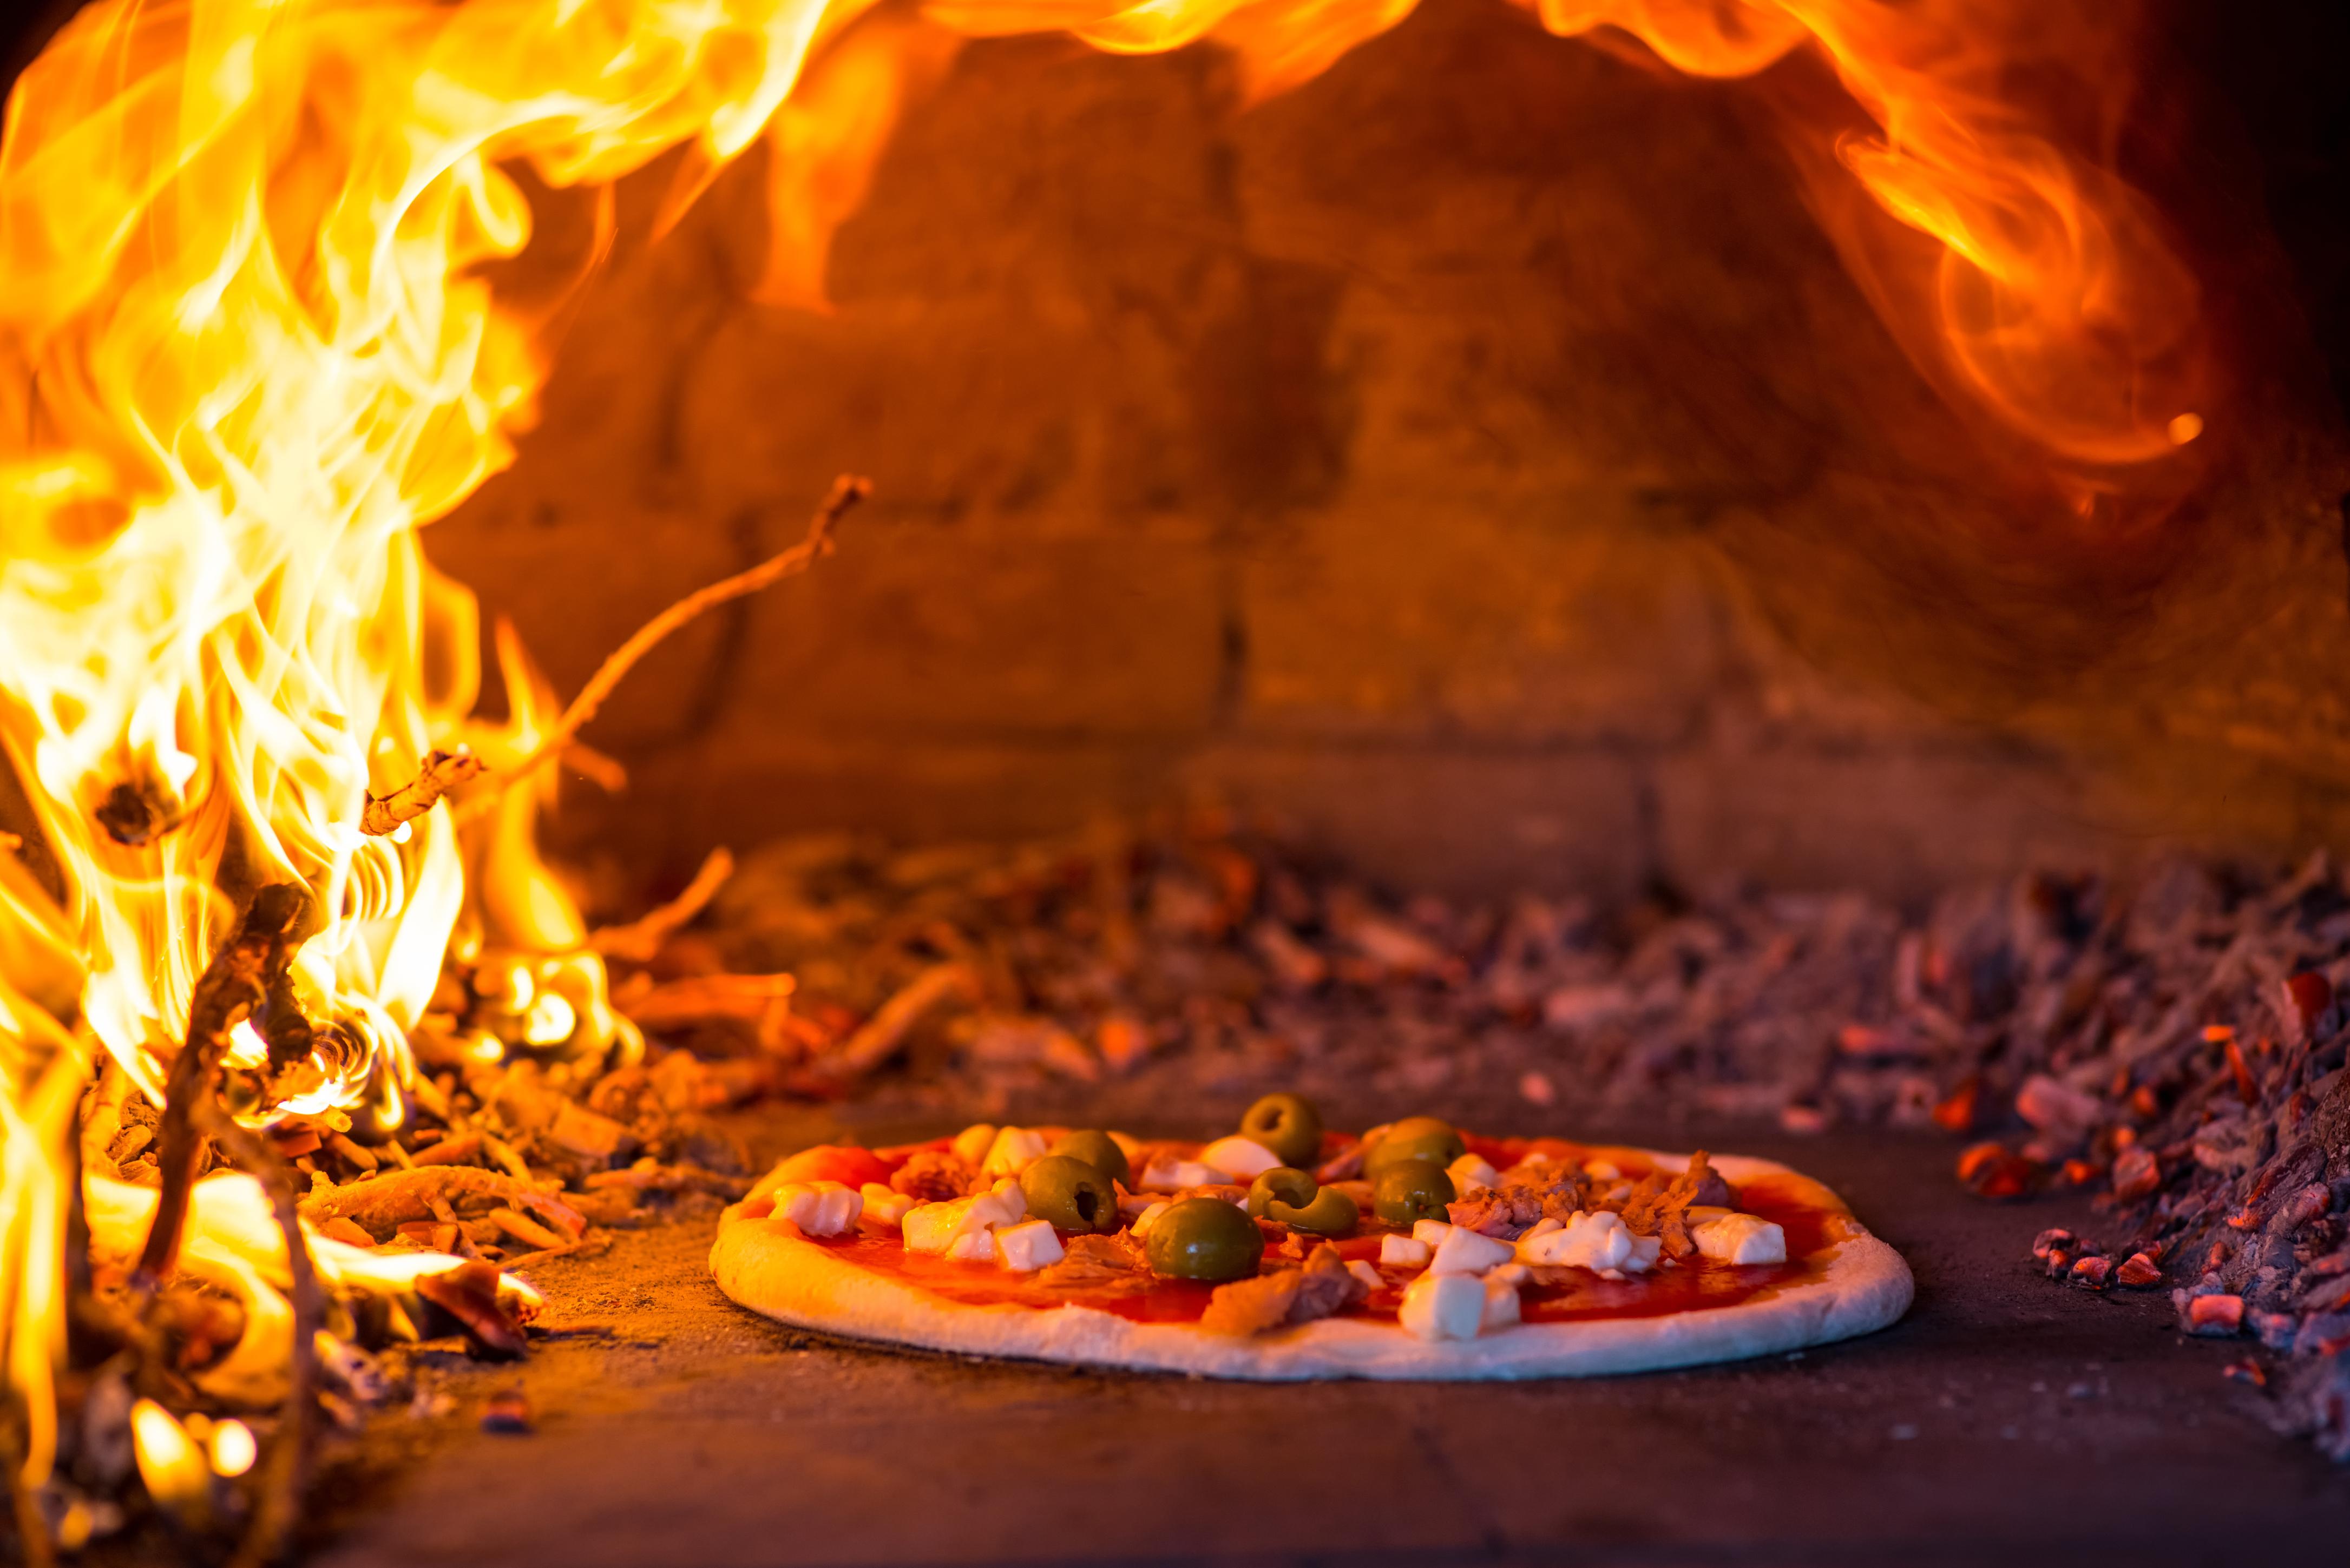 Bien Choisir Son Four toutes les astuces pour choisir parfaitement son four à pizza !